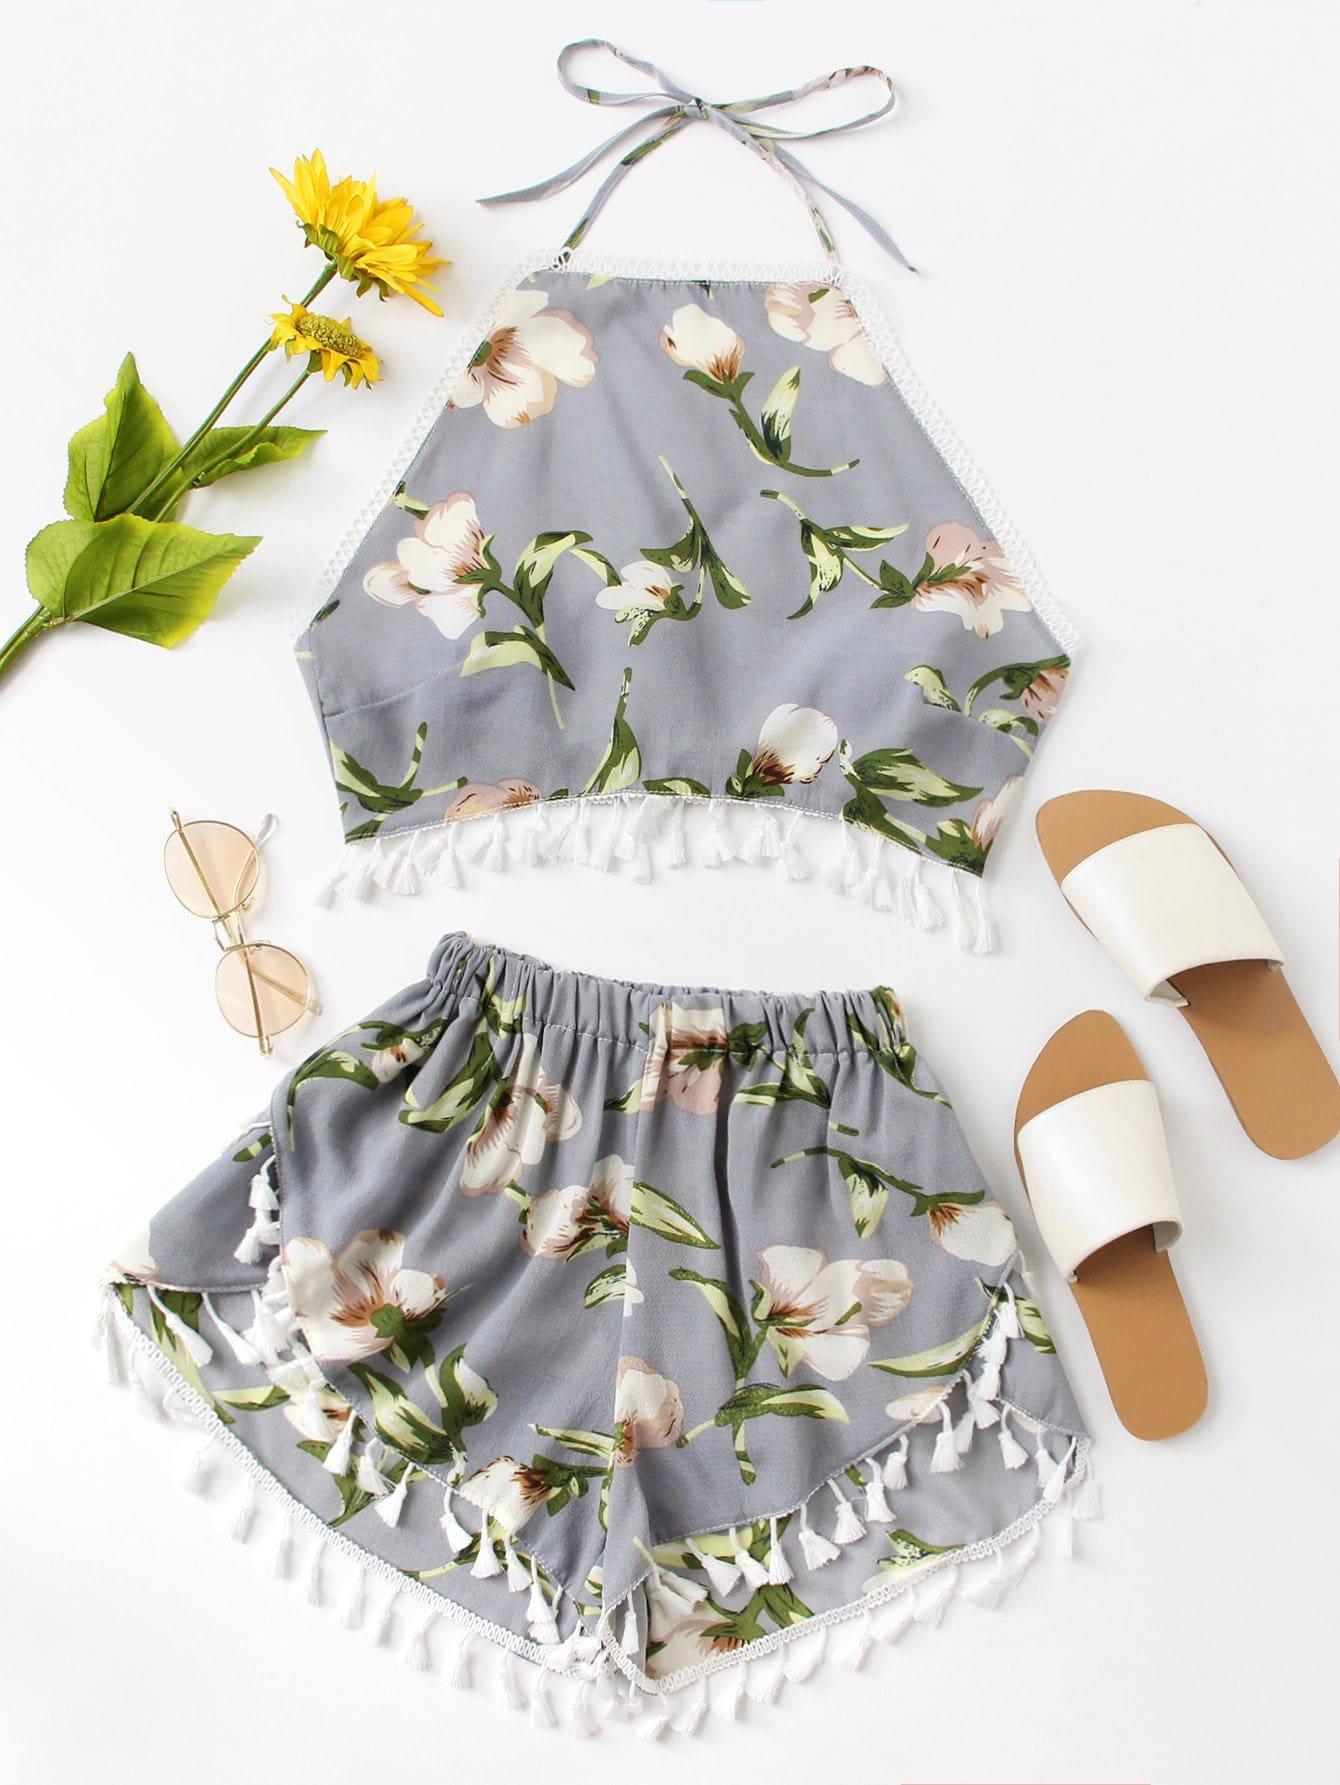 Fringe Hem Floral Print Halter Top With Shorts floral applique bowknot top with shorts